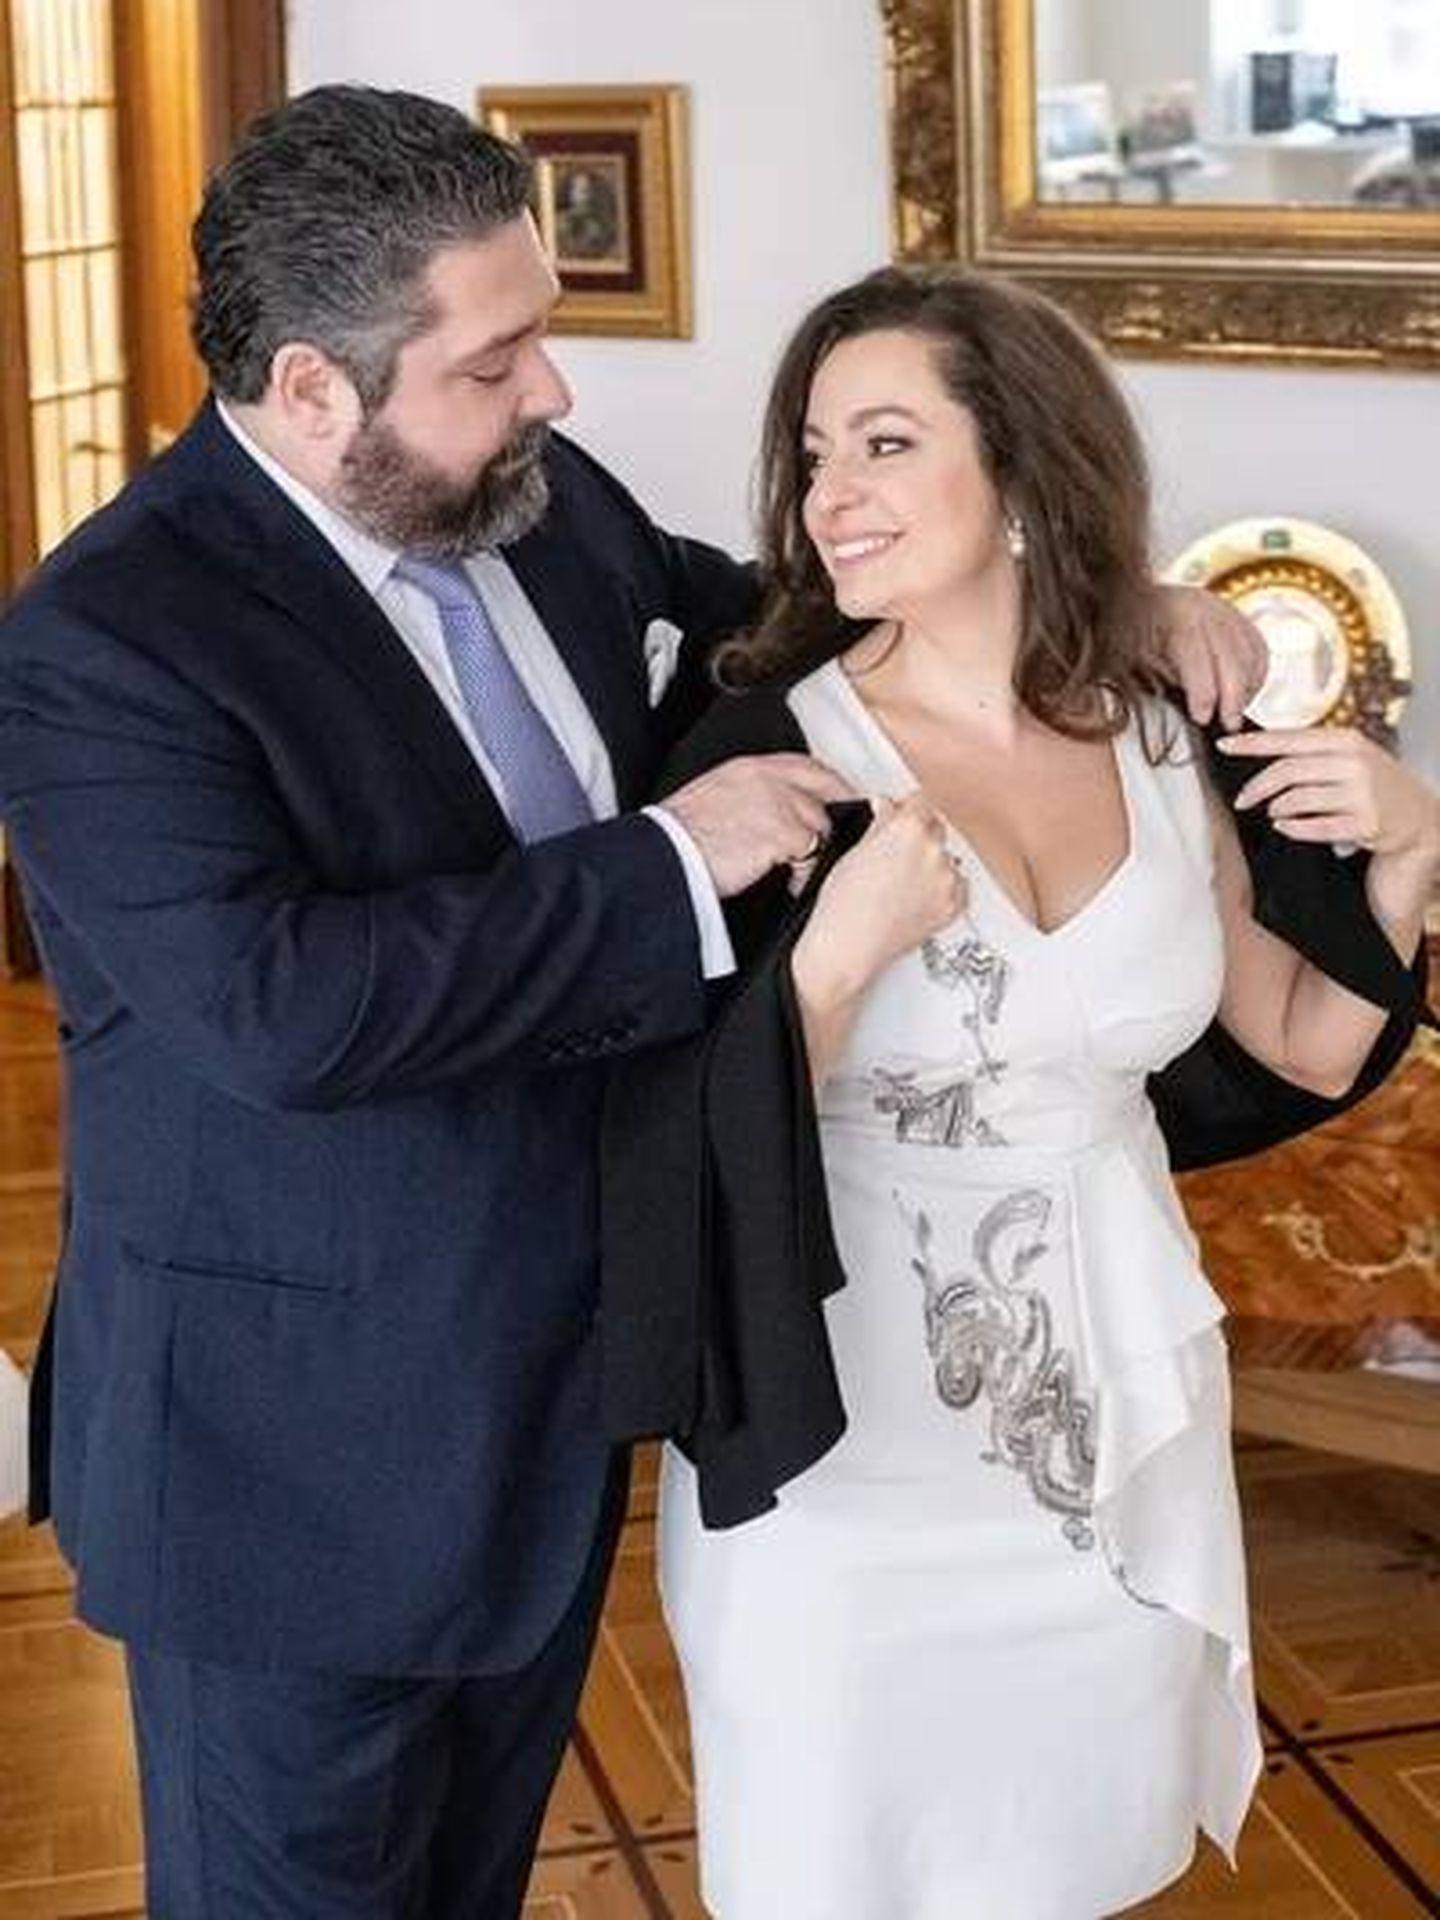 Jorge Románov y Rebecca Bettarini, en una imagen de archivo. (Cancillería de la Casa Imperial de Rusia)